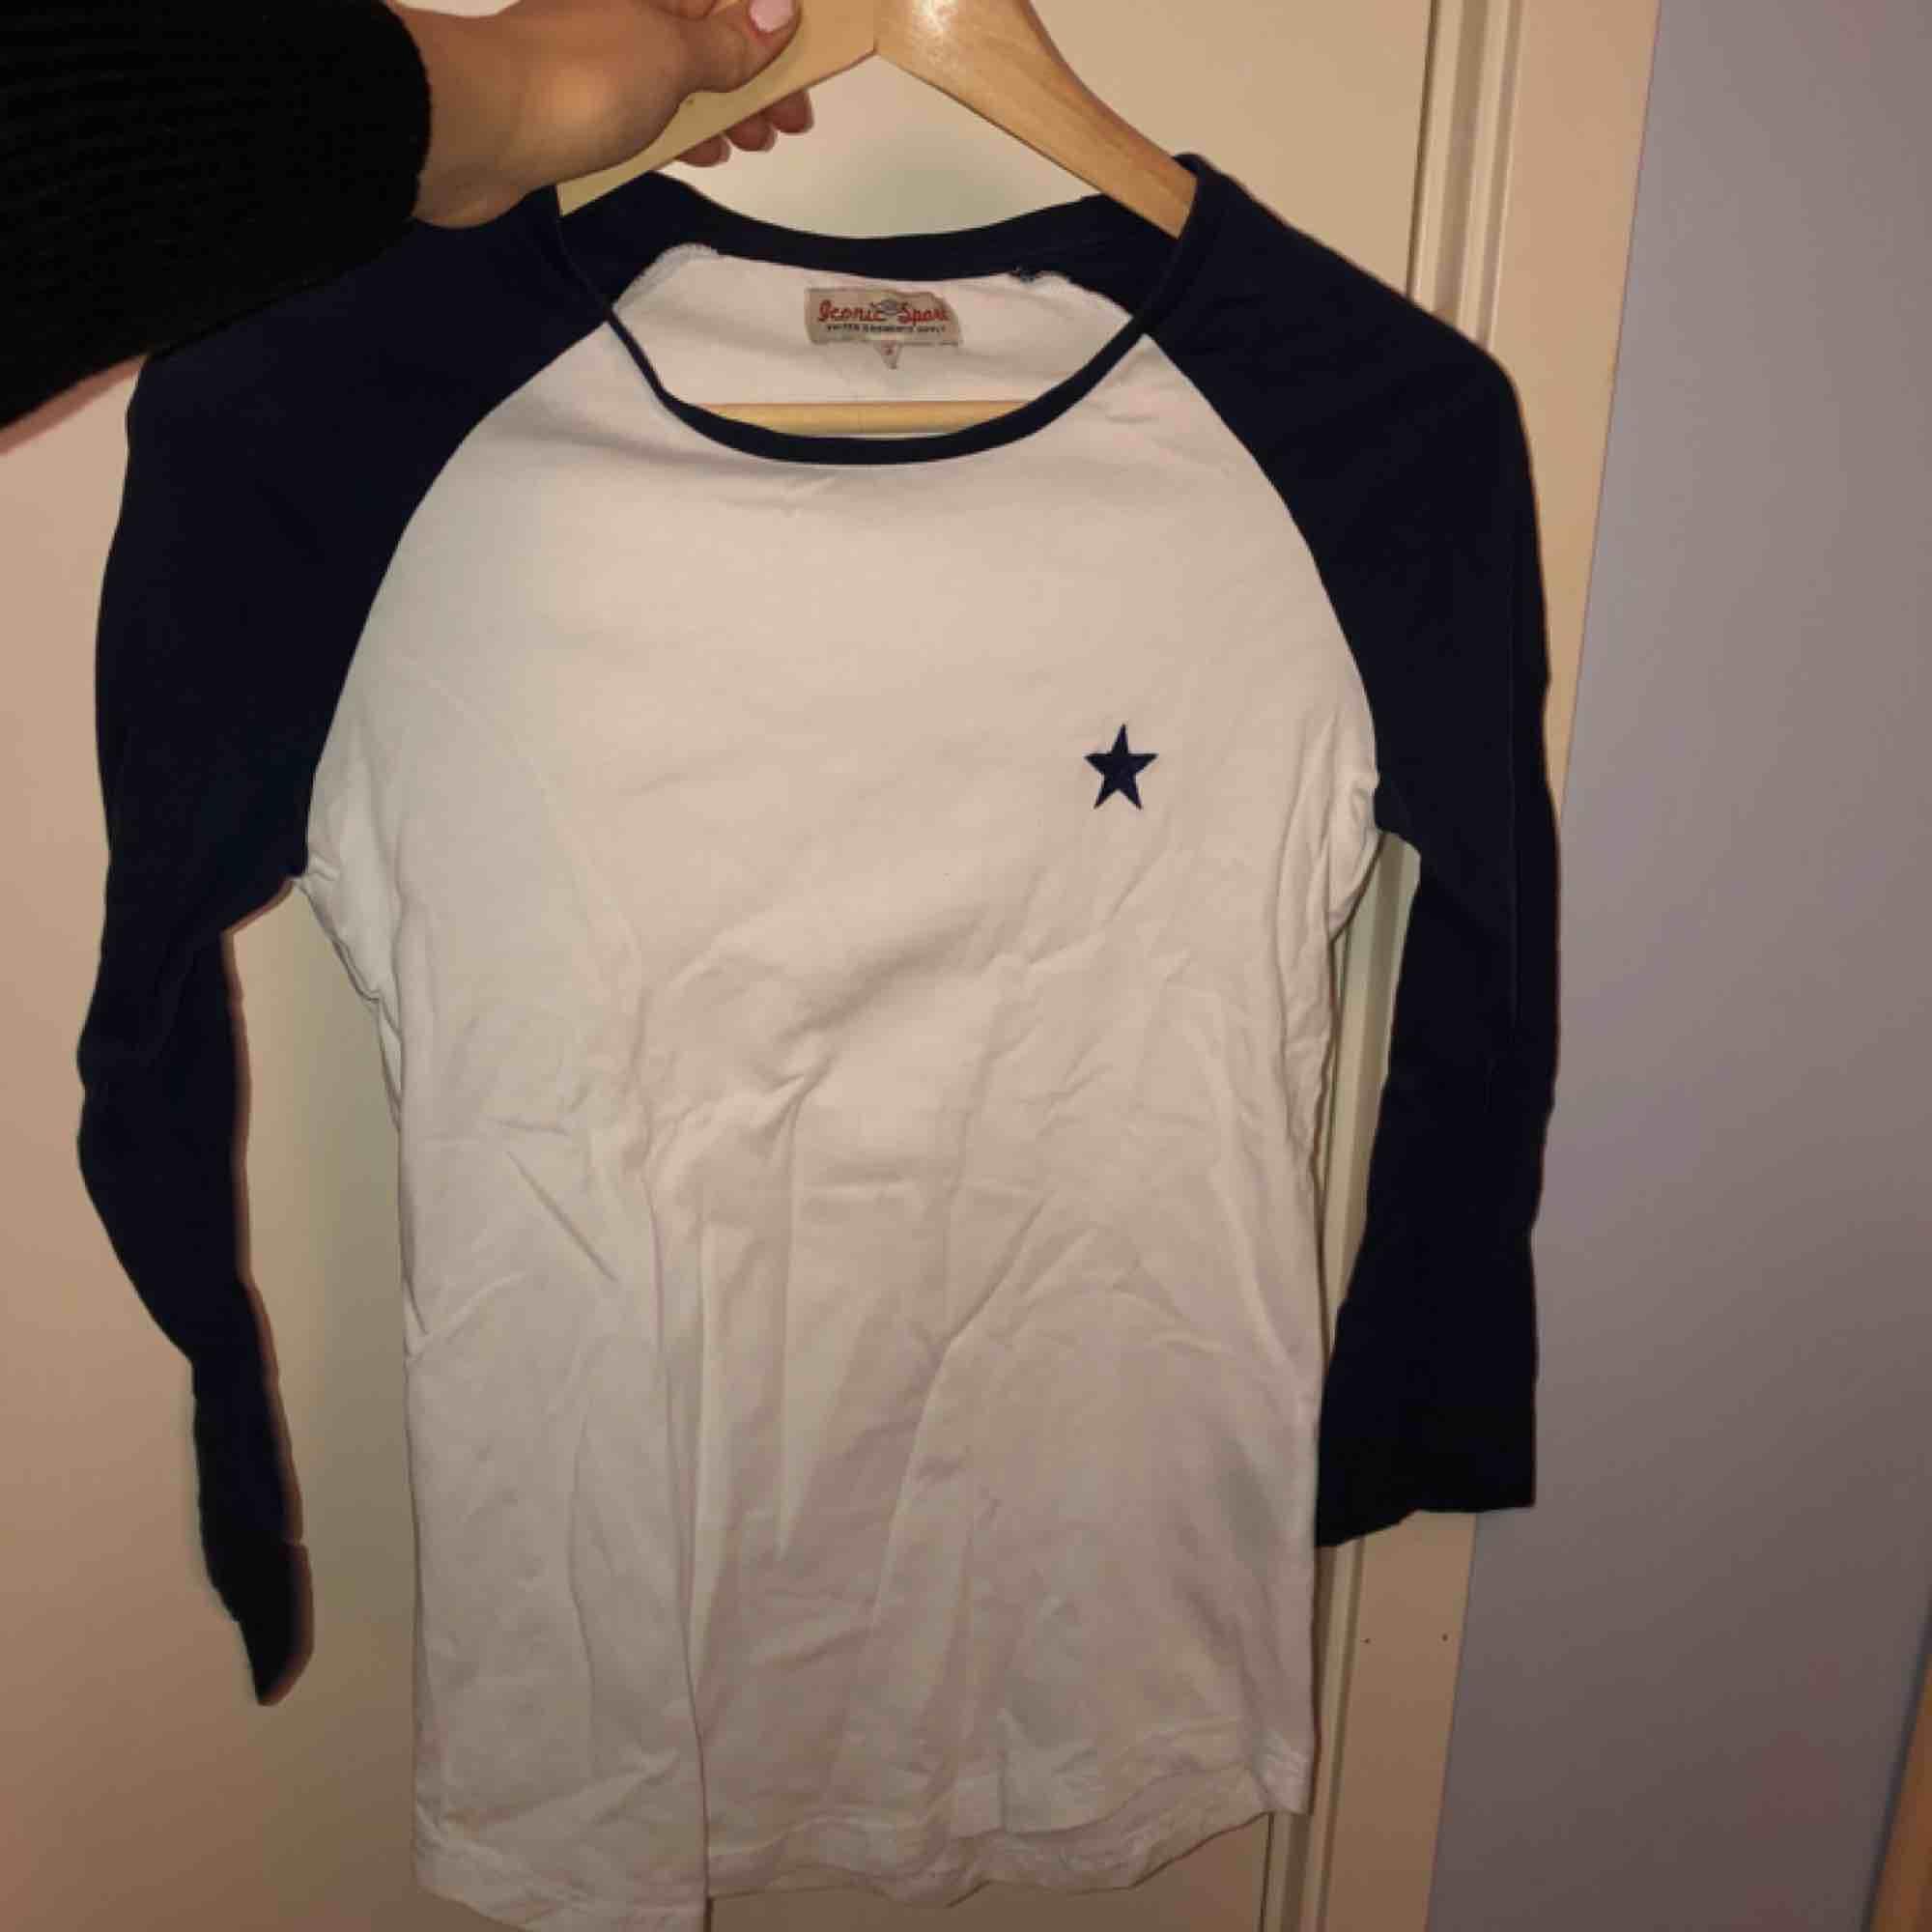 Från lager 157, använd 2 gånger. Nypris: 100 kr. Kan frakta!. T-shirts.